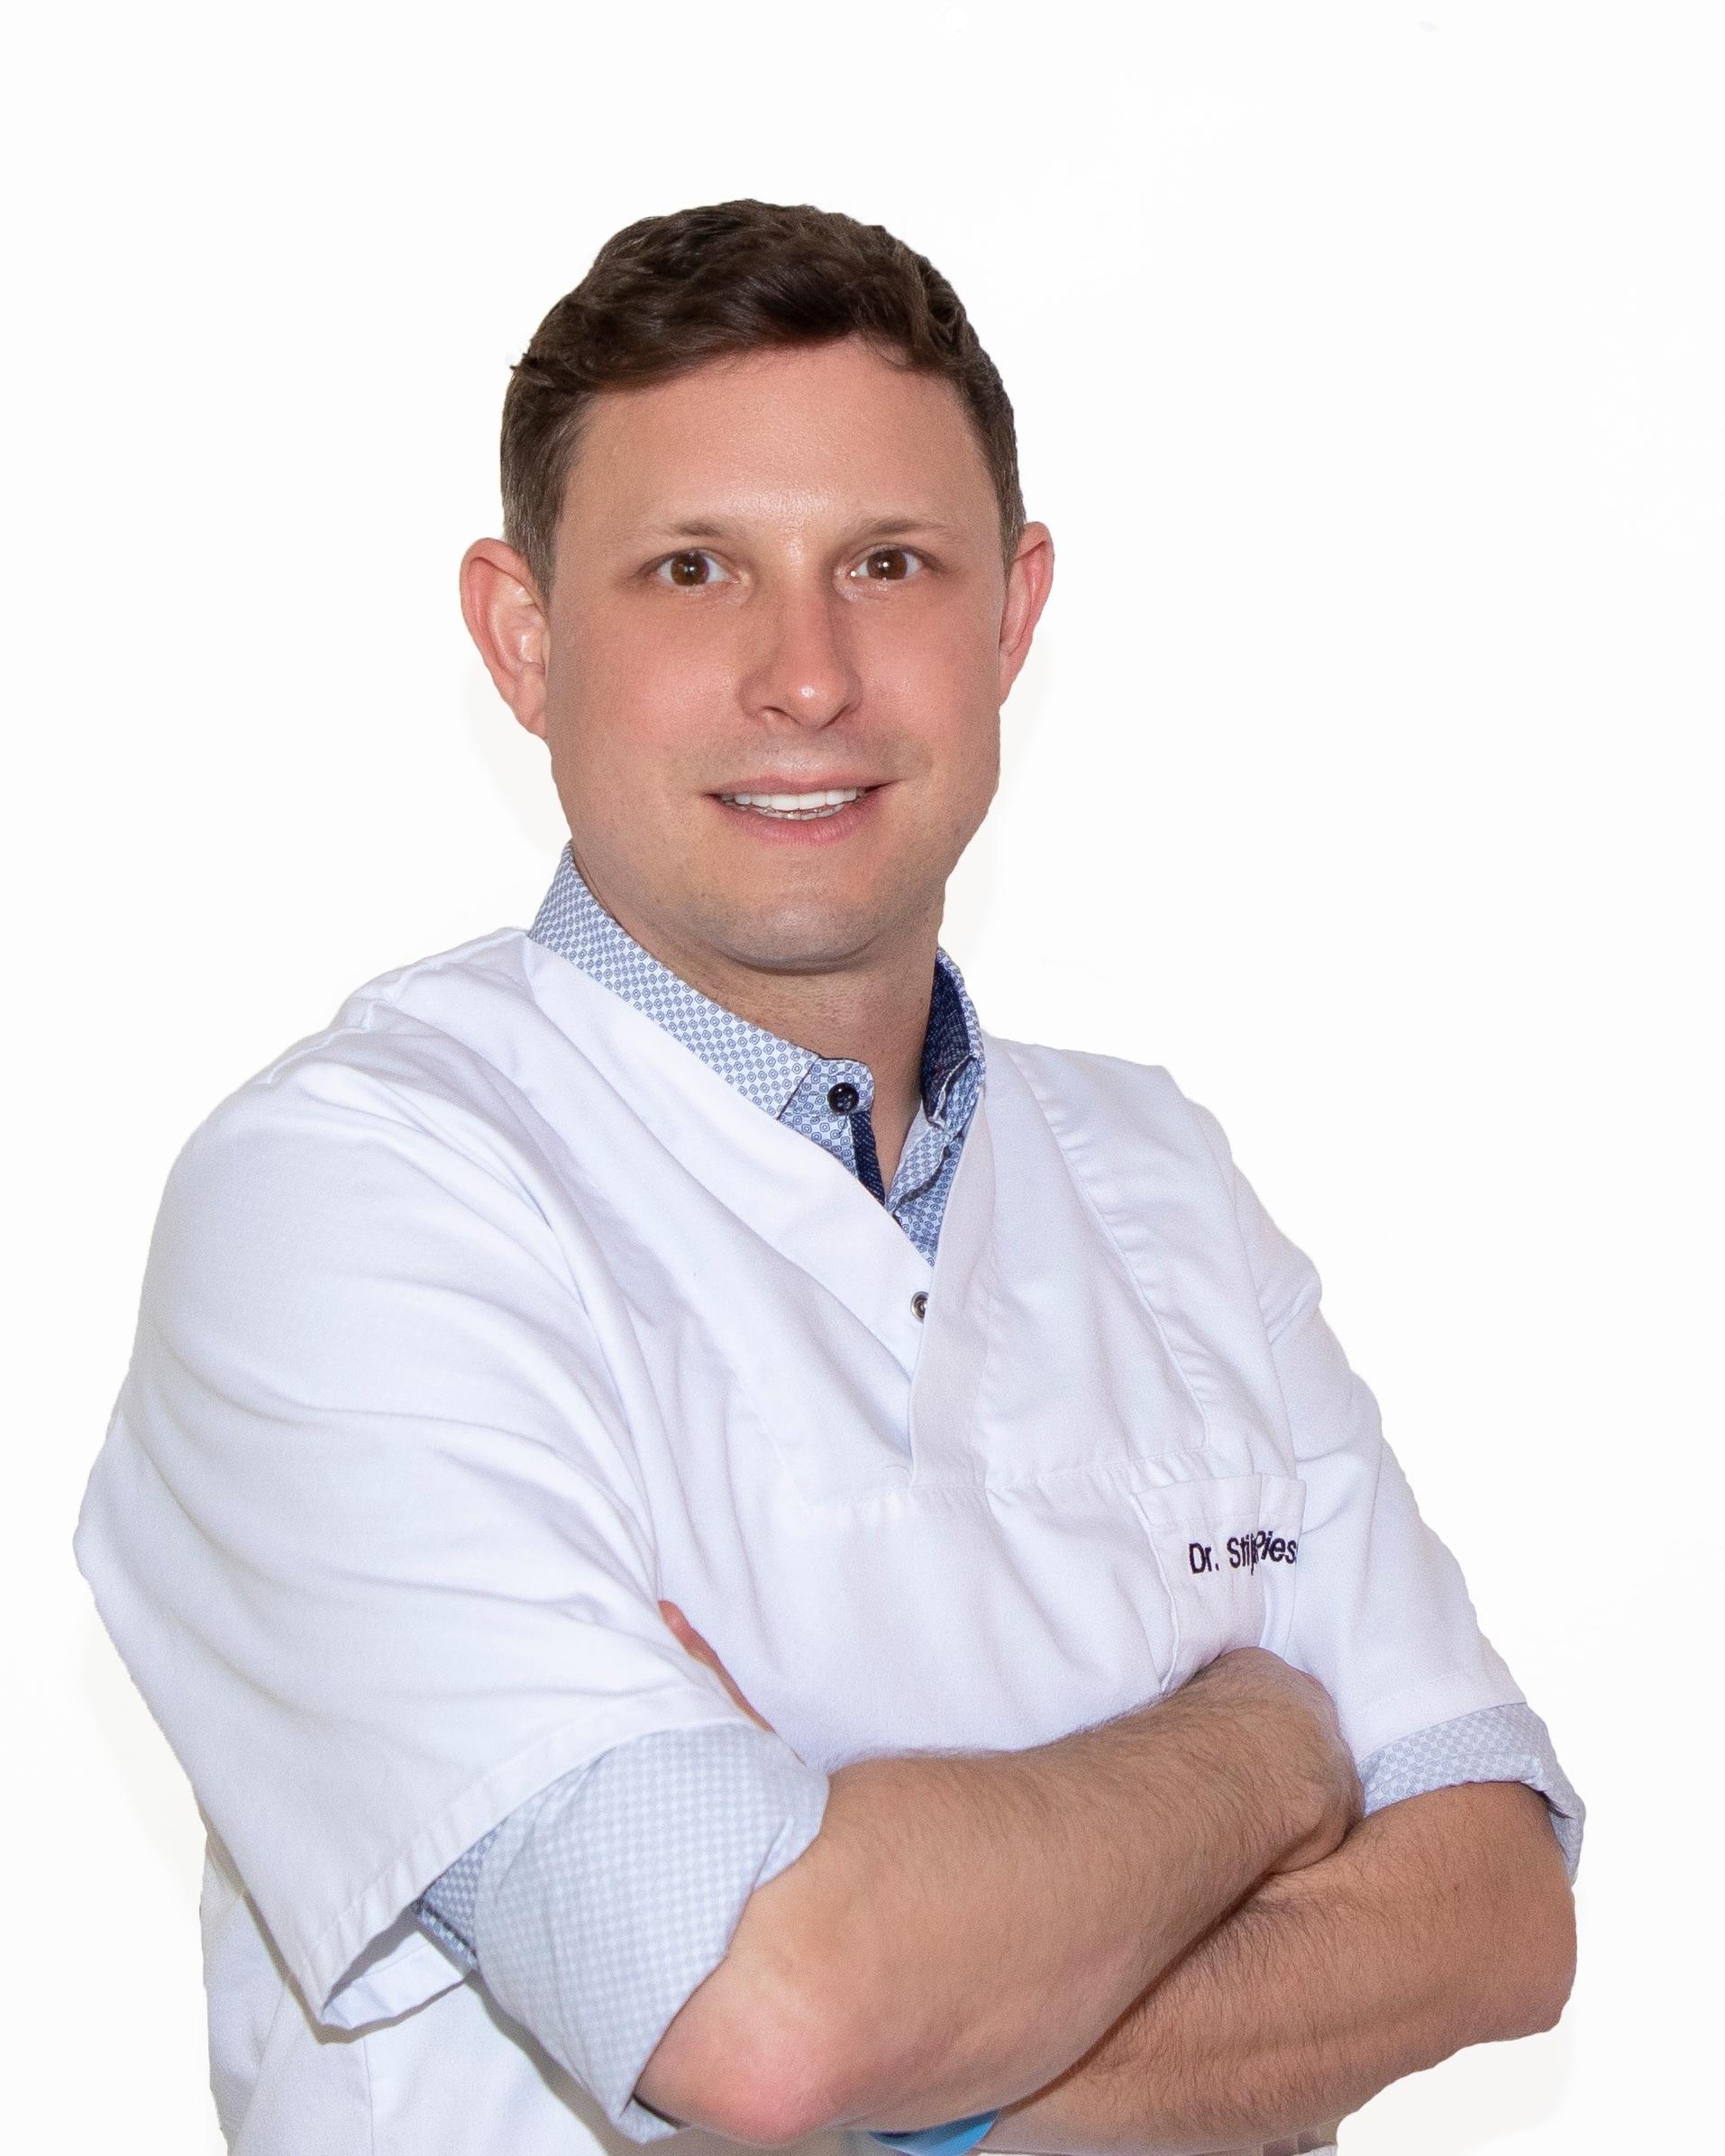 Dr. Stijn Piessens - Dokter Stijn Piessens (°14/06/1979) studeerde in 2005 met onderscheiding af als Master in de Geneeskunde aan de Universiteit van Antwerpen. Reeds tijdens zijn opleiding en carrière als huisarts, verdiepte hij zich in de mogelijkheden en technieken van de esthetische geneeskunde.Zijn achterliggende medische expertise laat hem toe om uitmuntende resultaten te bereiken op het vlak van esthetische behandelingen. Hij begeleidt u op een warme, professionele manier bij uw esthetisch traject.Esthetische behandelingen voor een breed publiekEsthetische behandelingen van hoogstaande kwaliteit zijn het handelsmerk van dokter Piessens. Hij legt zich toe op spierverslappers- en antirimpelbehandelingen voor een breed publiek – van mannen en vrouwen.Ook niet-courante behandelingen zoals rimpelbehandelingen onder de ogen, aan de neus, lippen, hals en handen behoren tot het aanbod.Kwalitatieve productenDokter Piessens gebruikt enkel producten van gerenommeerde merken voor het behandelen van zijn patiënten. Op die manier bereikt hij een optimaal evenwicht tussen medisch vakmanschap en het maximale effect van kwaliteitsvolle, hoogwaardige producten.Dokter Piessens is lid van het BVEG.Maak nu uw afspraak bij Dr. Piessens.